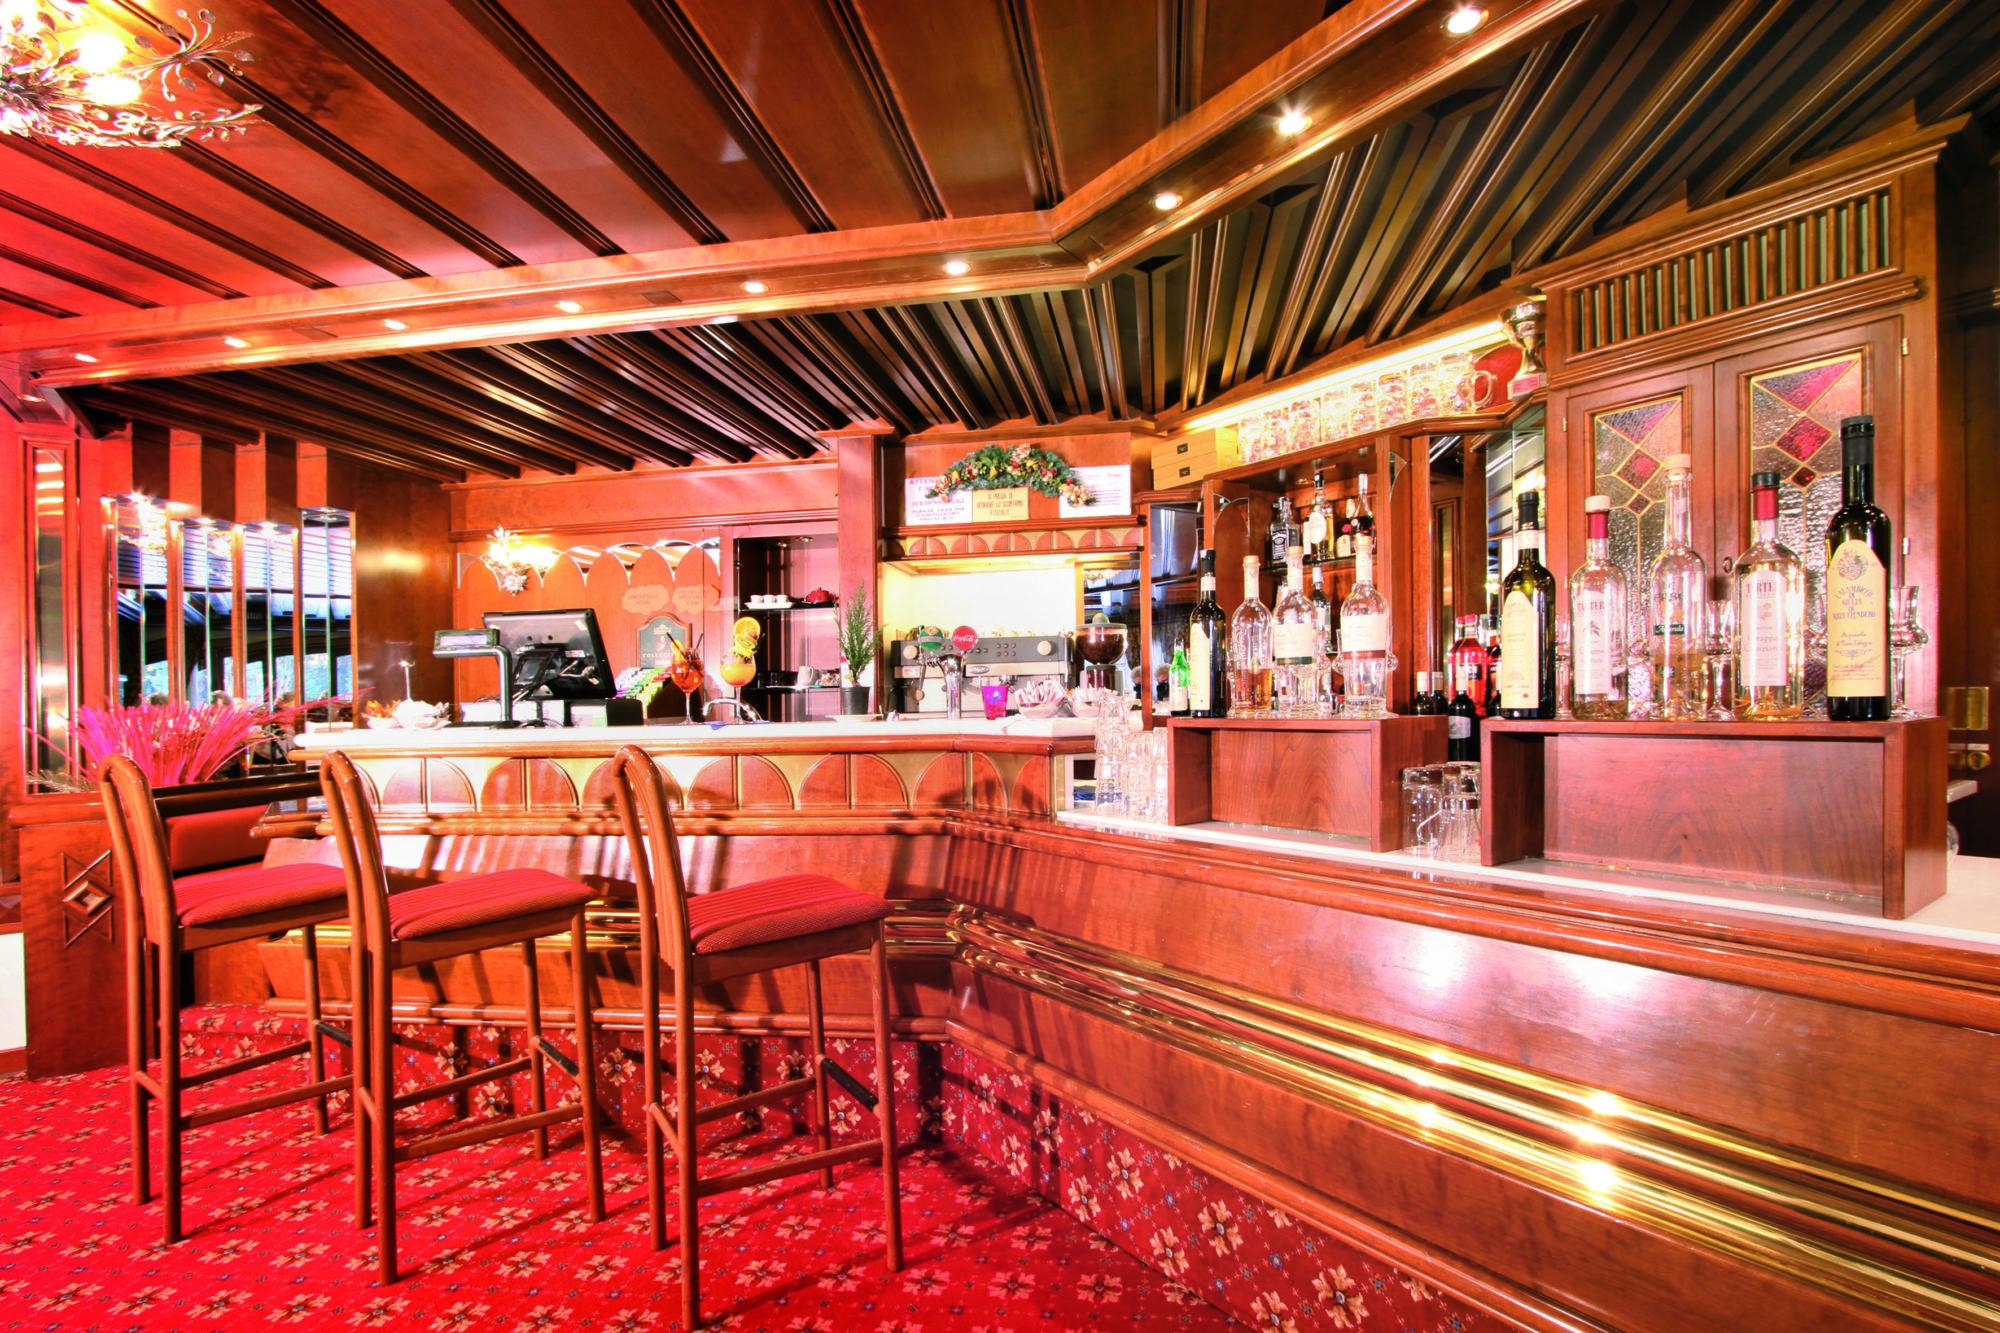 5 Hotel Rubino - Bar